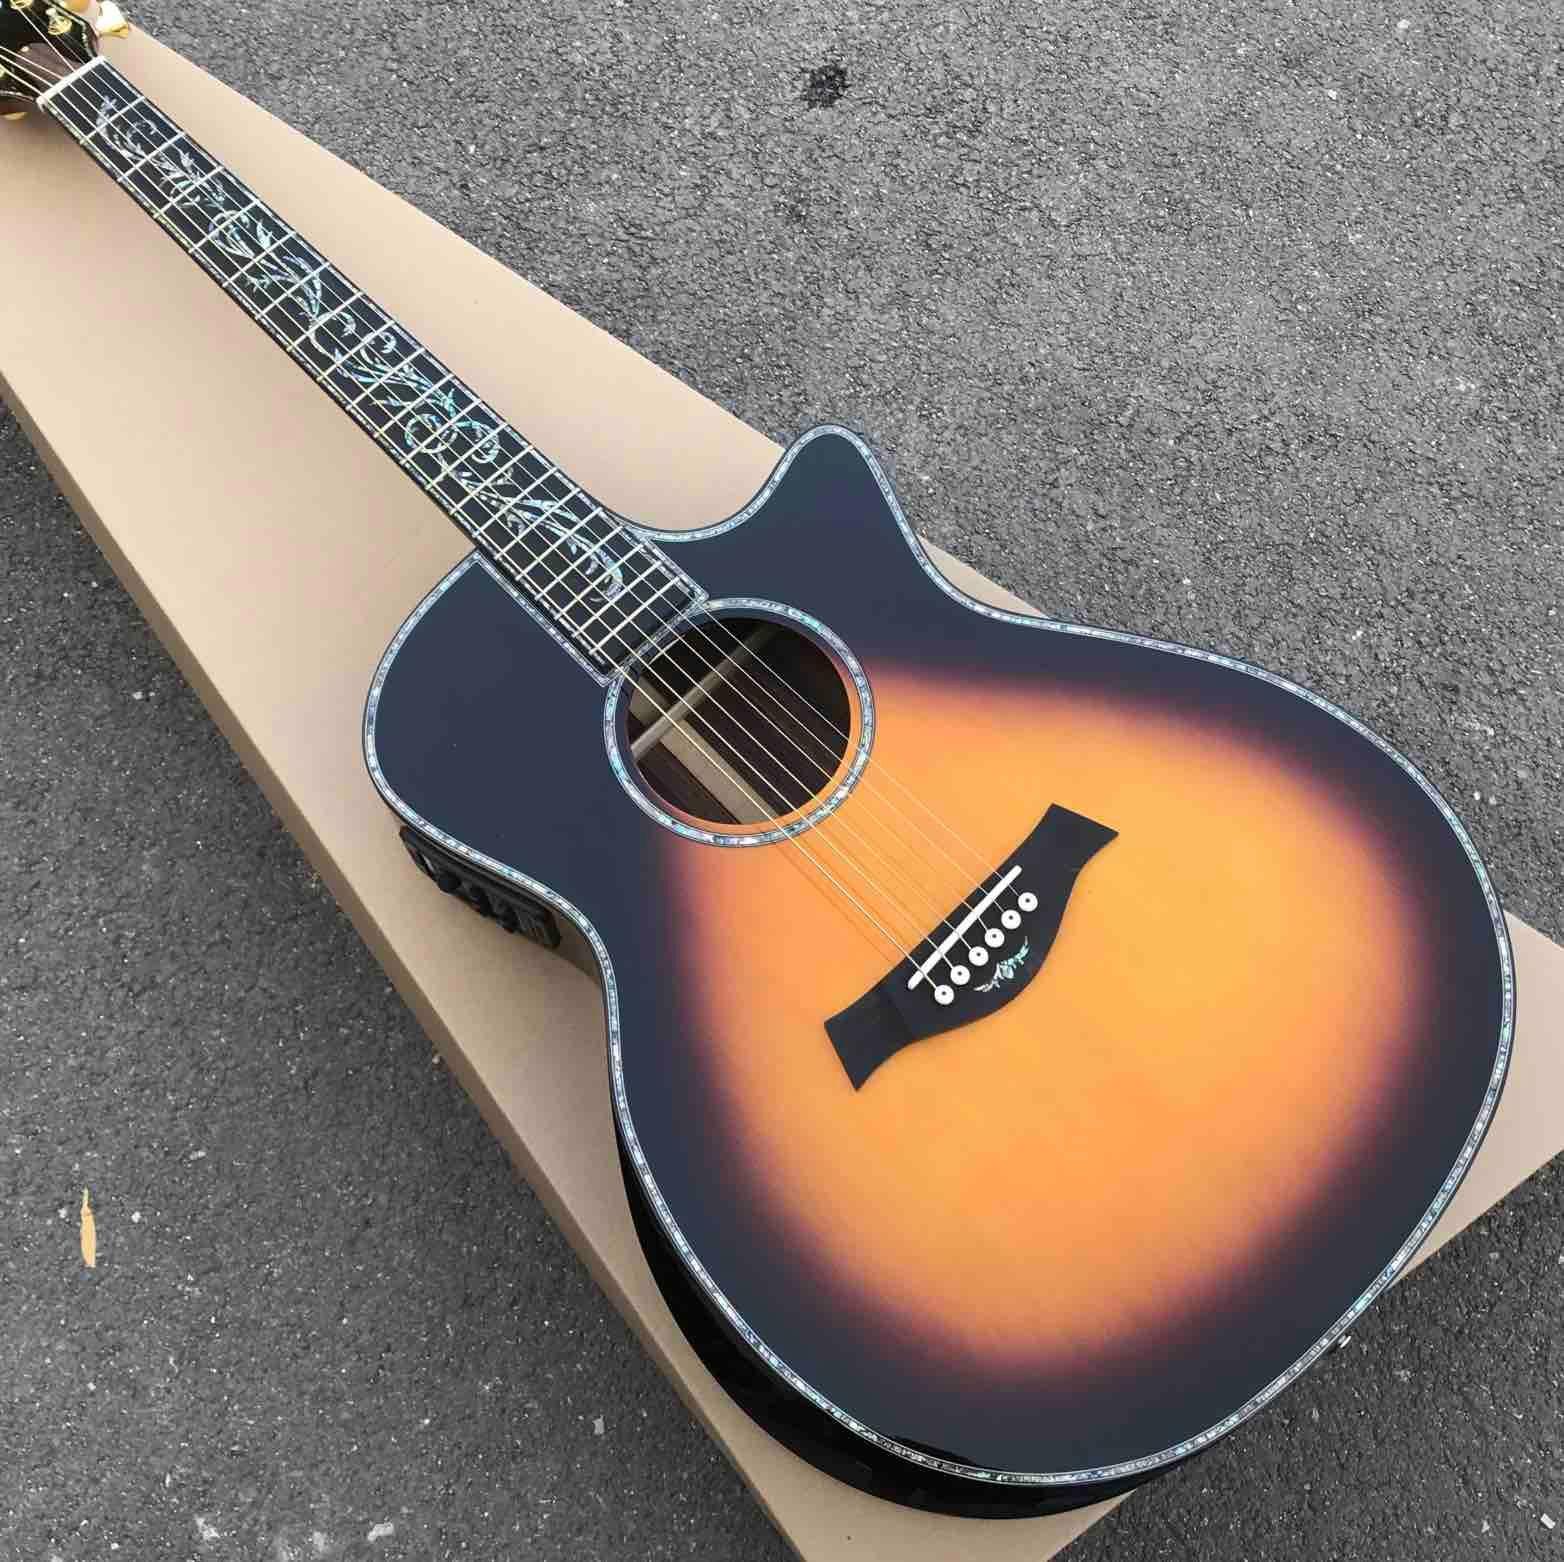 Real Abalone Cutaway 41 Zoll Massive Fichtendecke Sunburst GPS14c Klassische Akustikgitarre